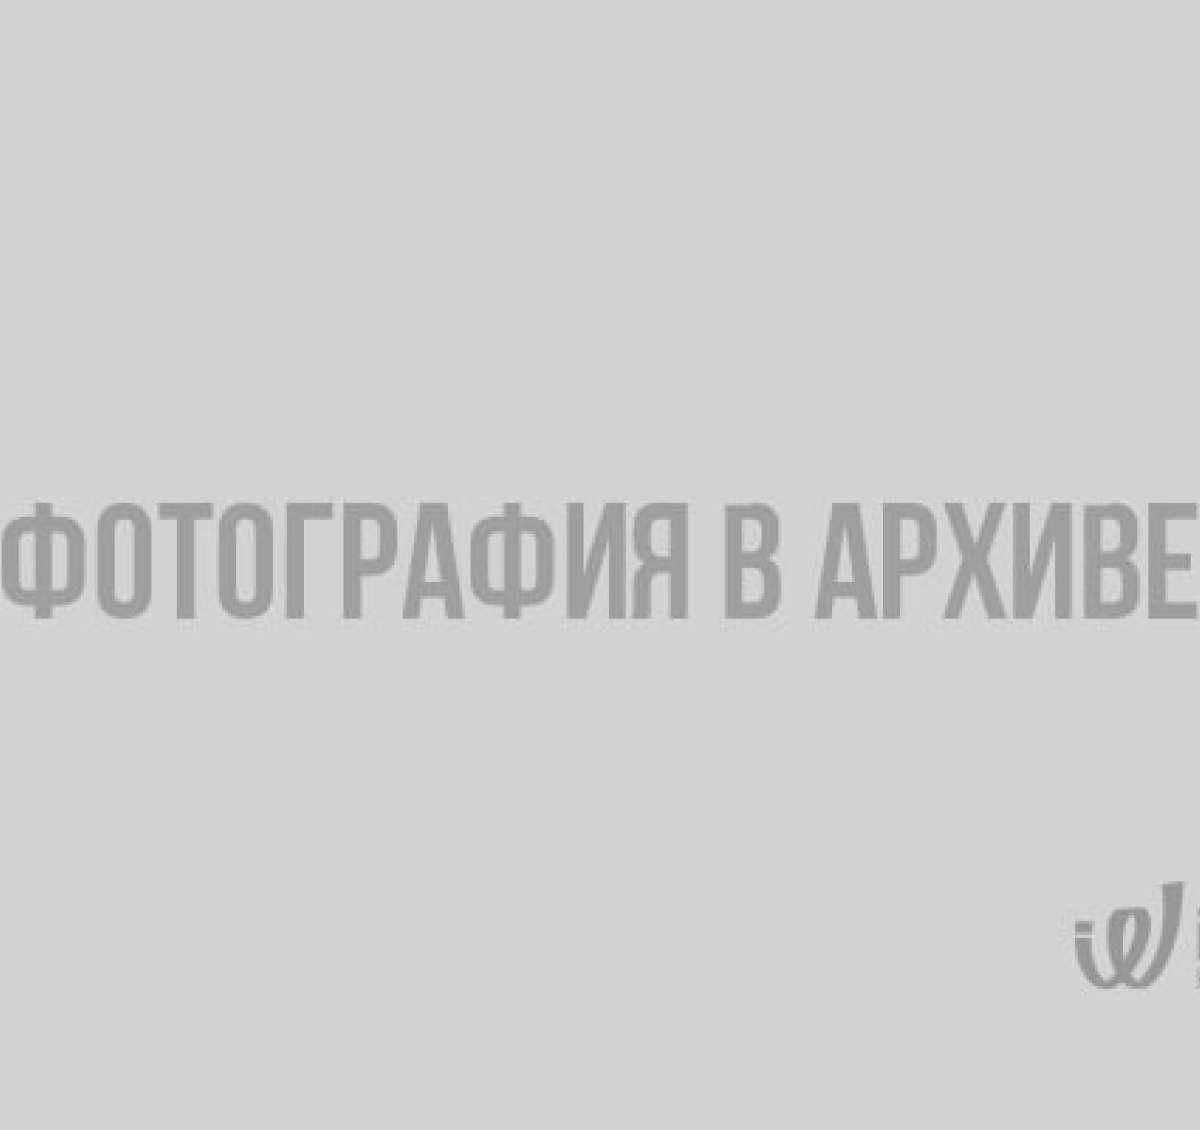 Из частной конюшни во Всеволожском районе увели жеребца Бандита украли, Ленобласть, конь, жеребец, Всеволожский район